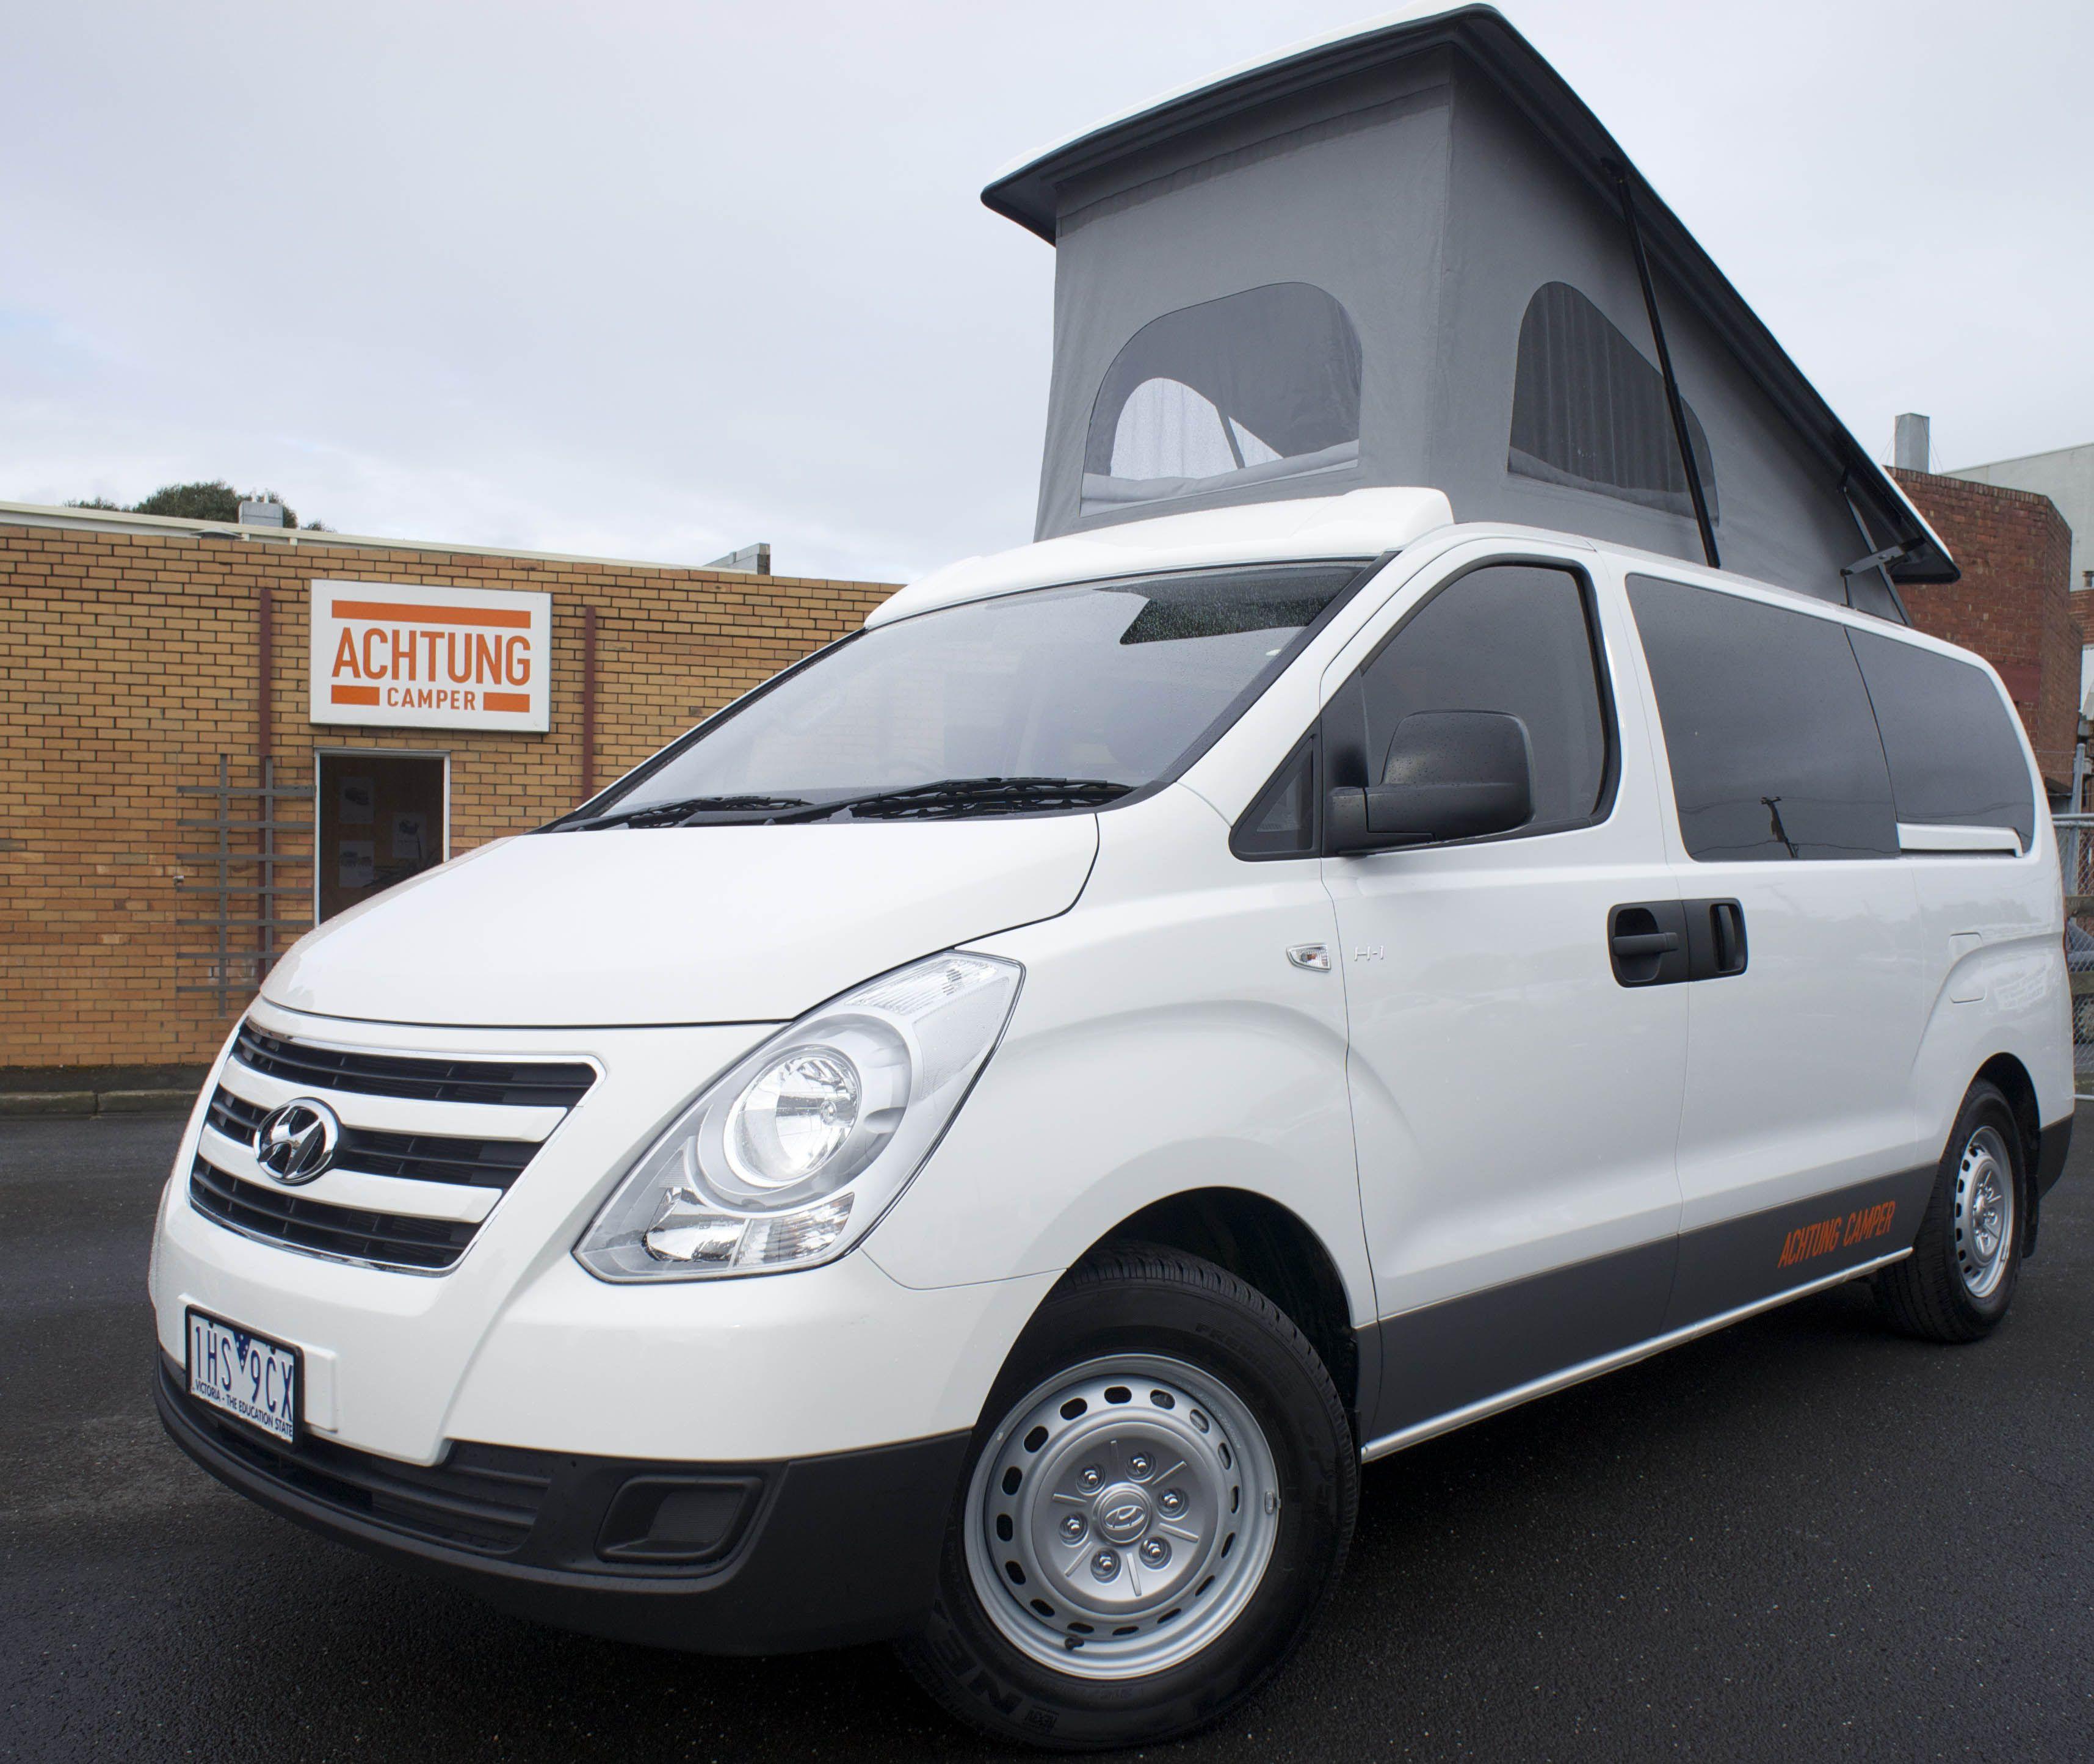 Our latest Hyundai campervan conversion.  Kastenwagen in